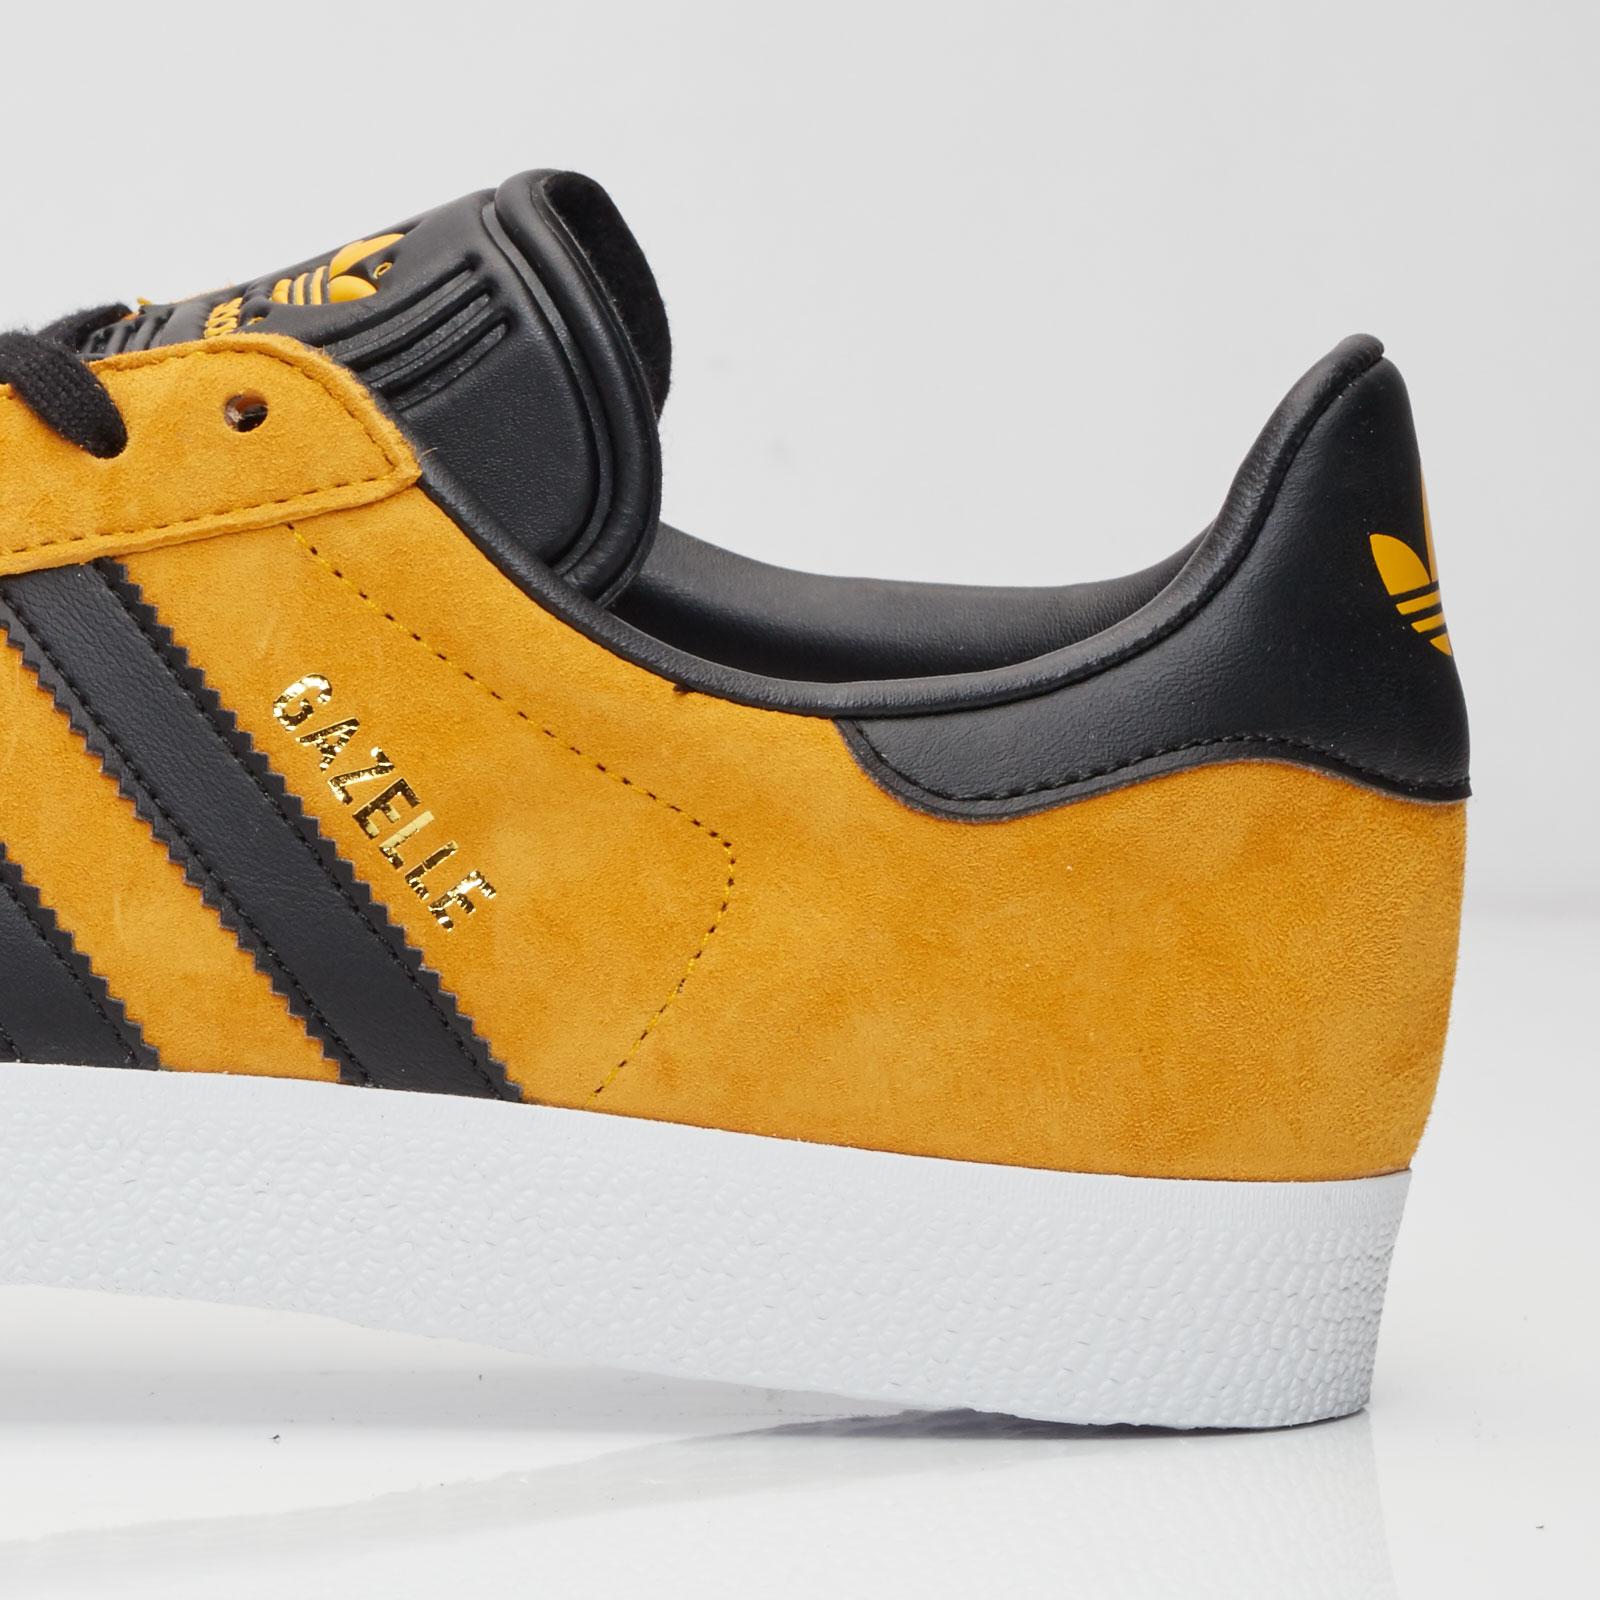 official photos 4e74f 25c36 ... adidas Gazelle adidas Gazelle